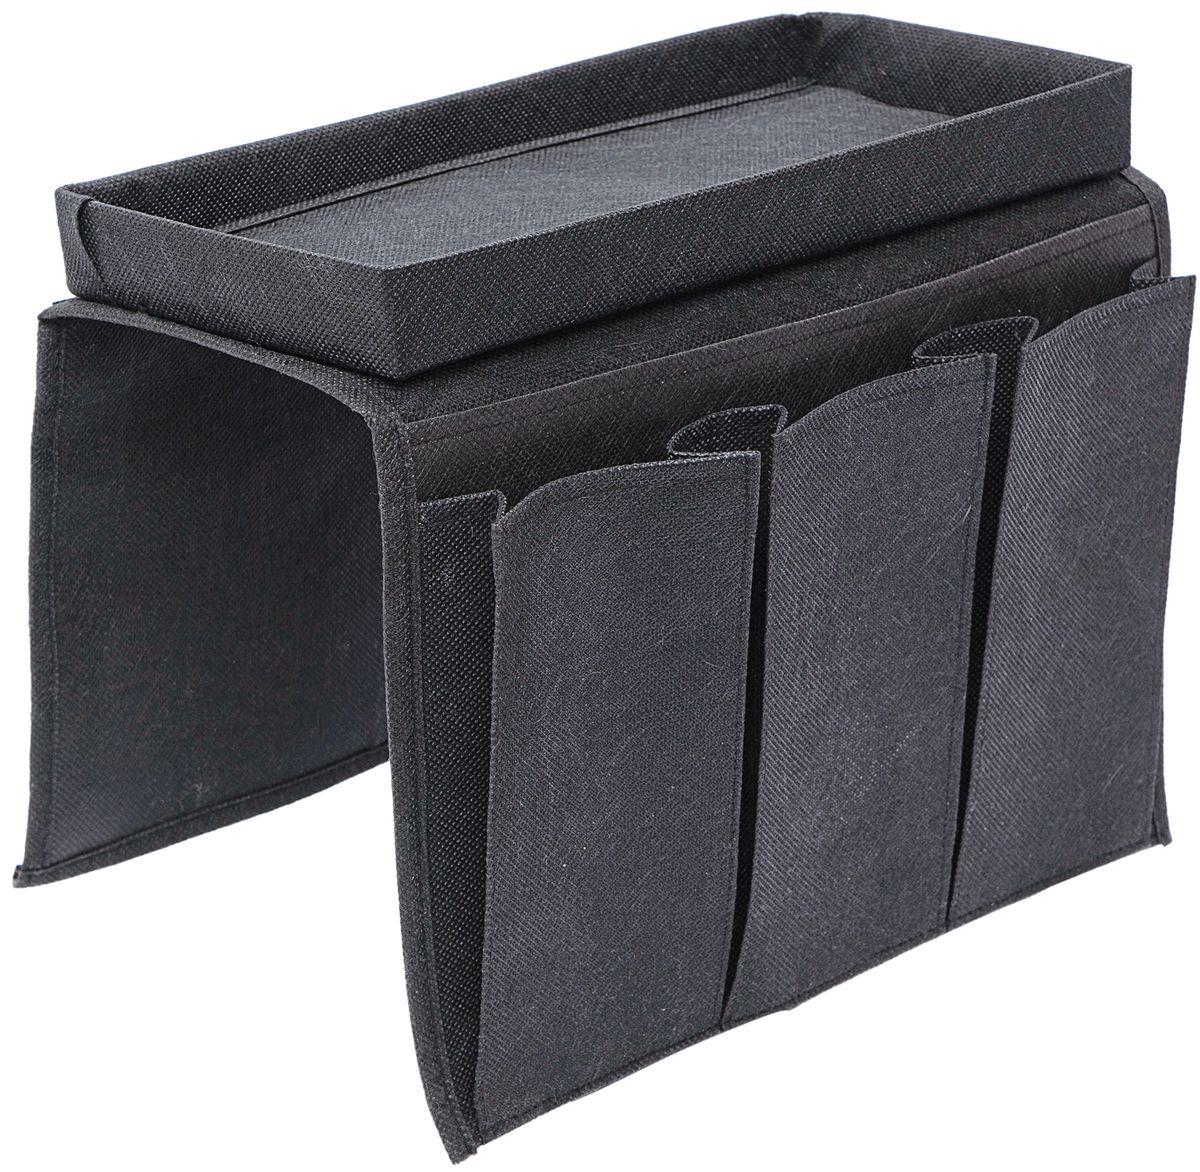 Органайзер на подлокотник дивана Homsu, 32 x 57 см10503Органайзер на подлокотник дивана может использоваться не только как столик, но и как удобное решение для хранения пультов, очков, газет и других предметов благодаря 5-ти карманам, размещенным по бокам изделия.